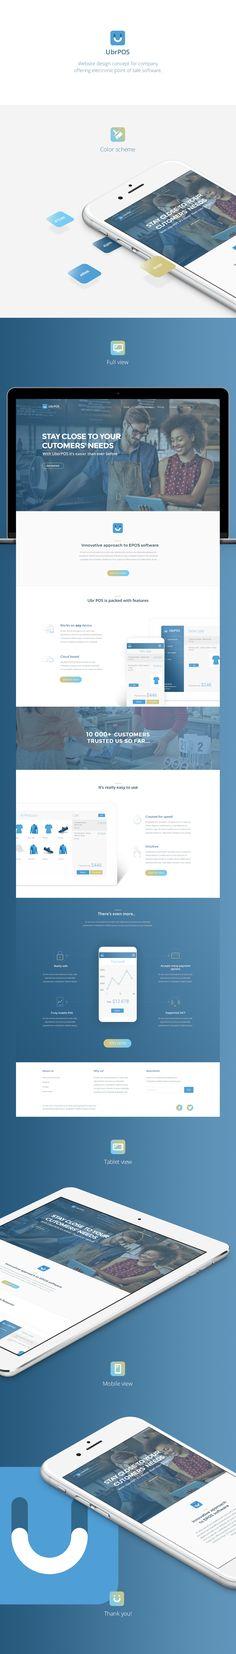 https://www.behance.net/gallery/26458659/UbrPOS-Website-design-concept